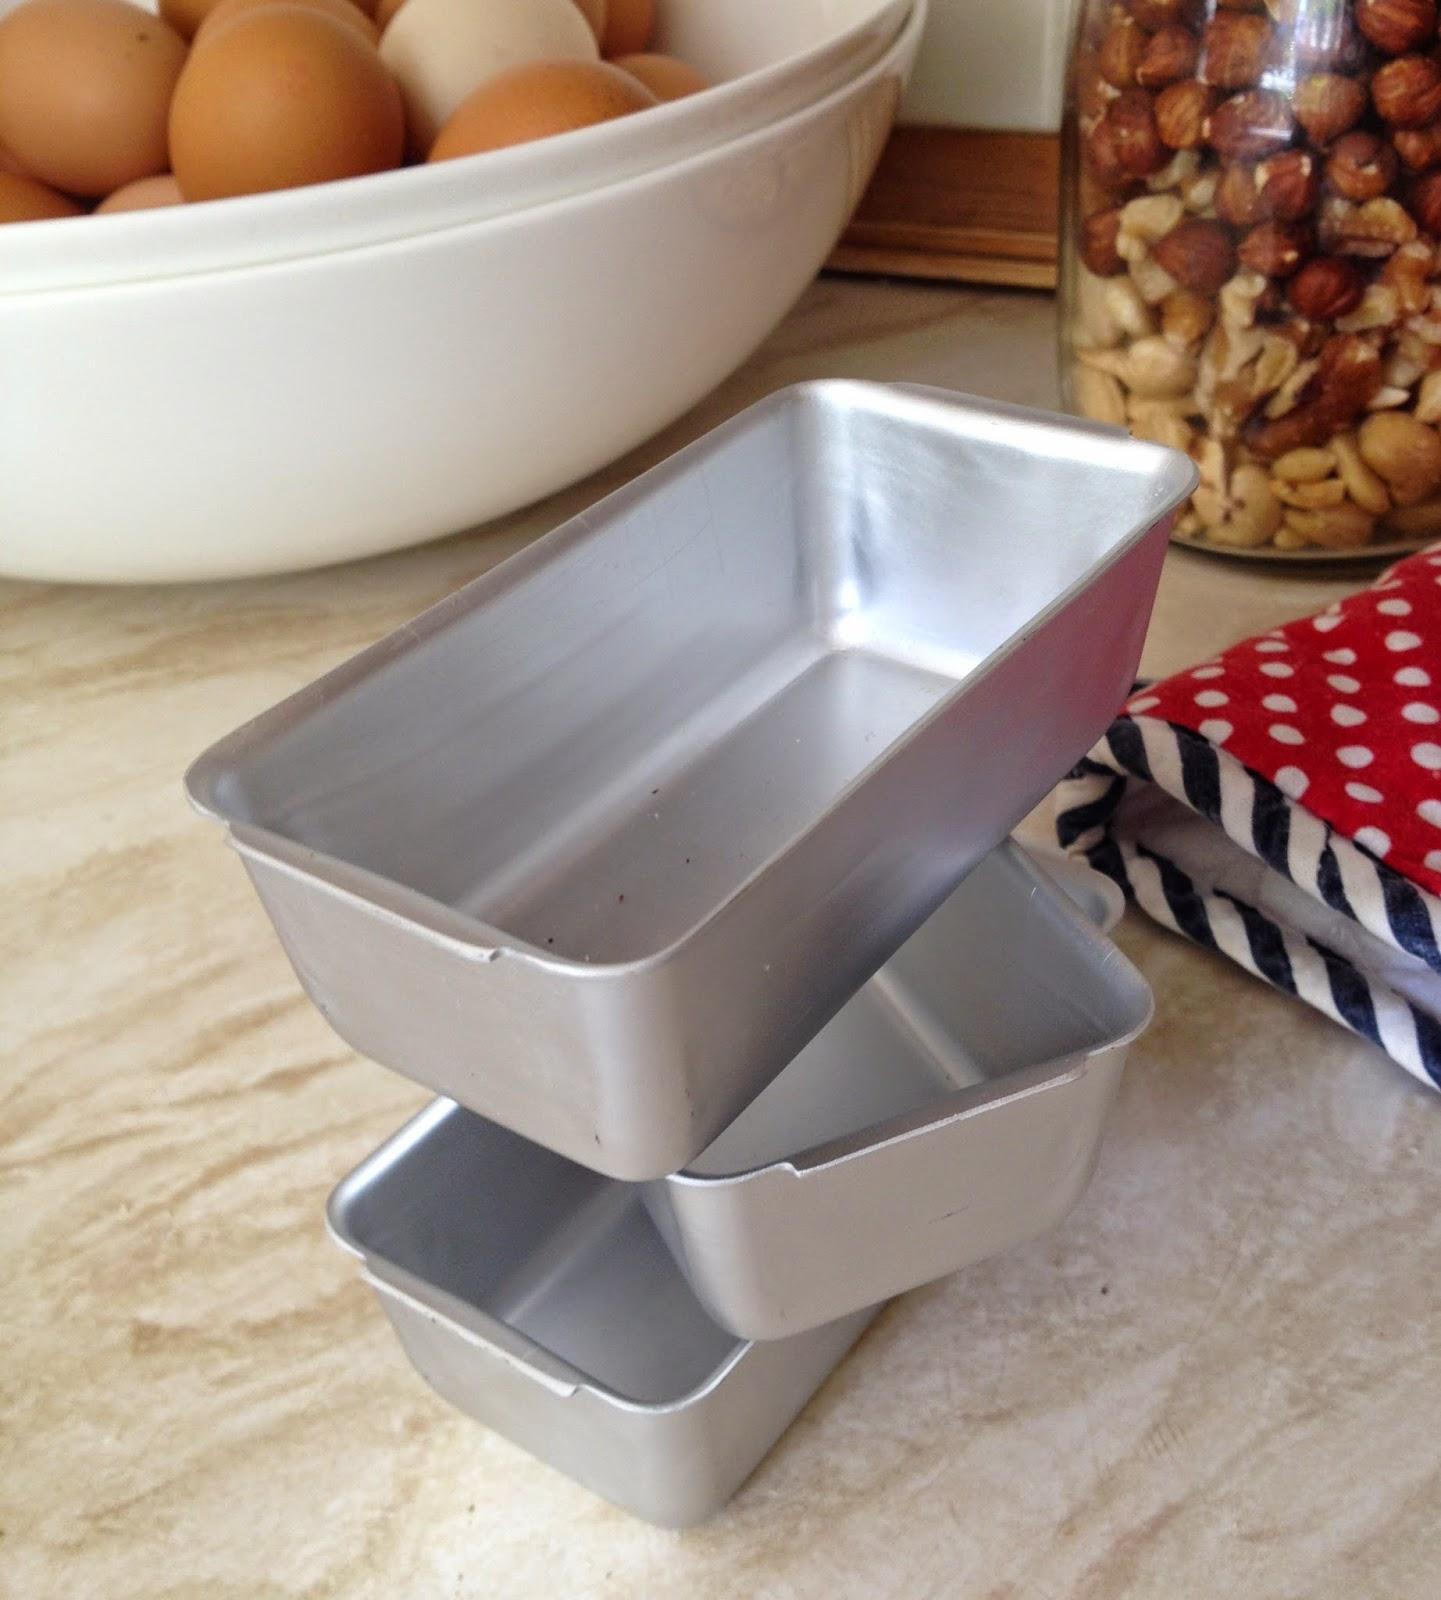 loaf tins or pans